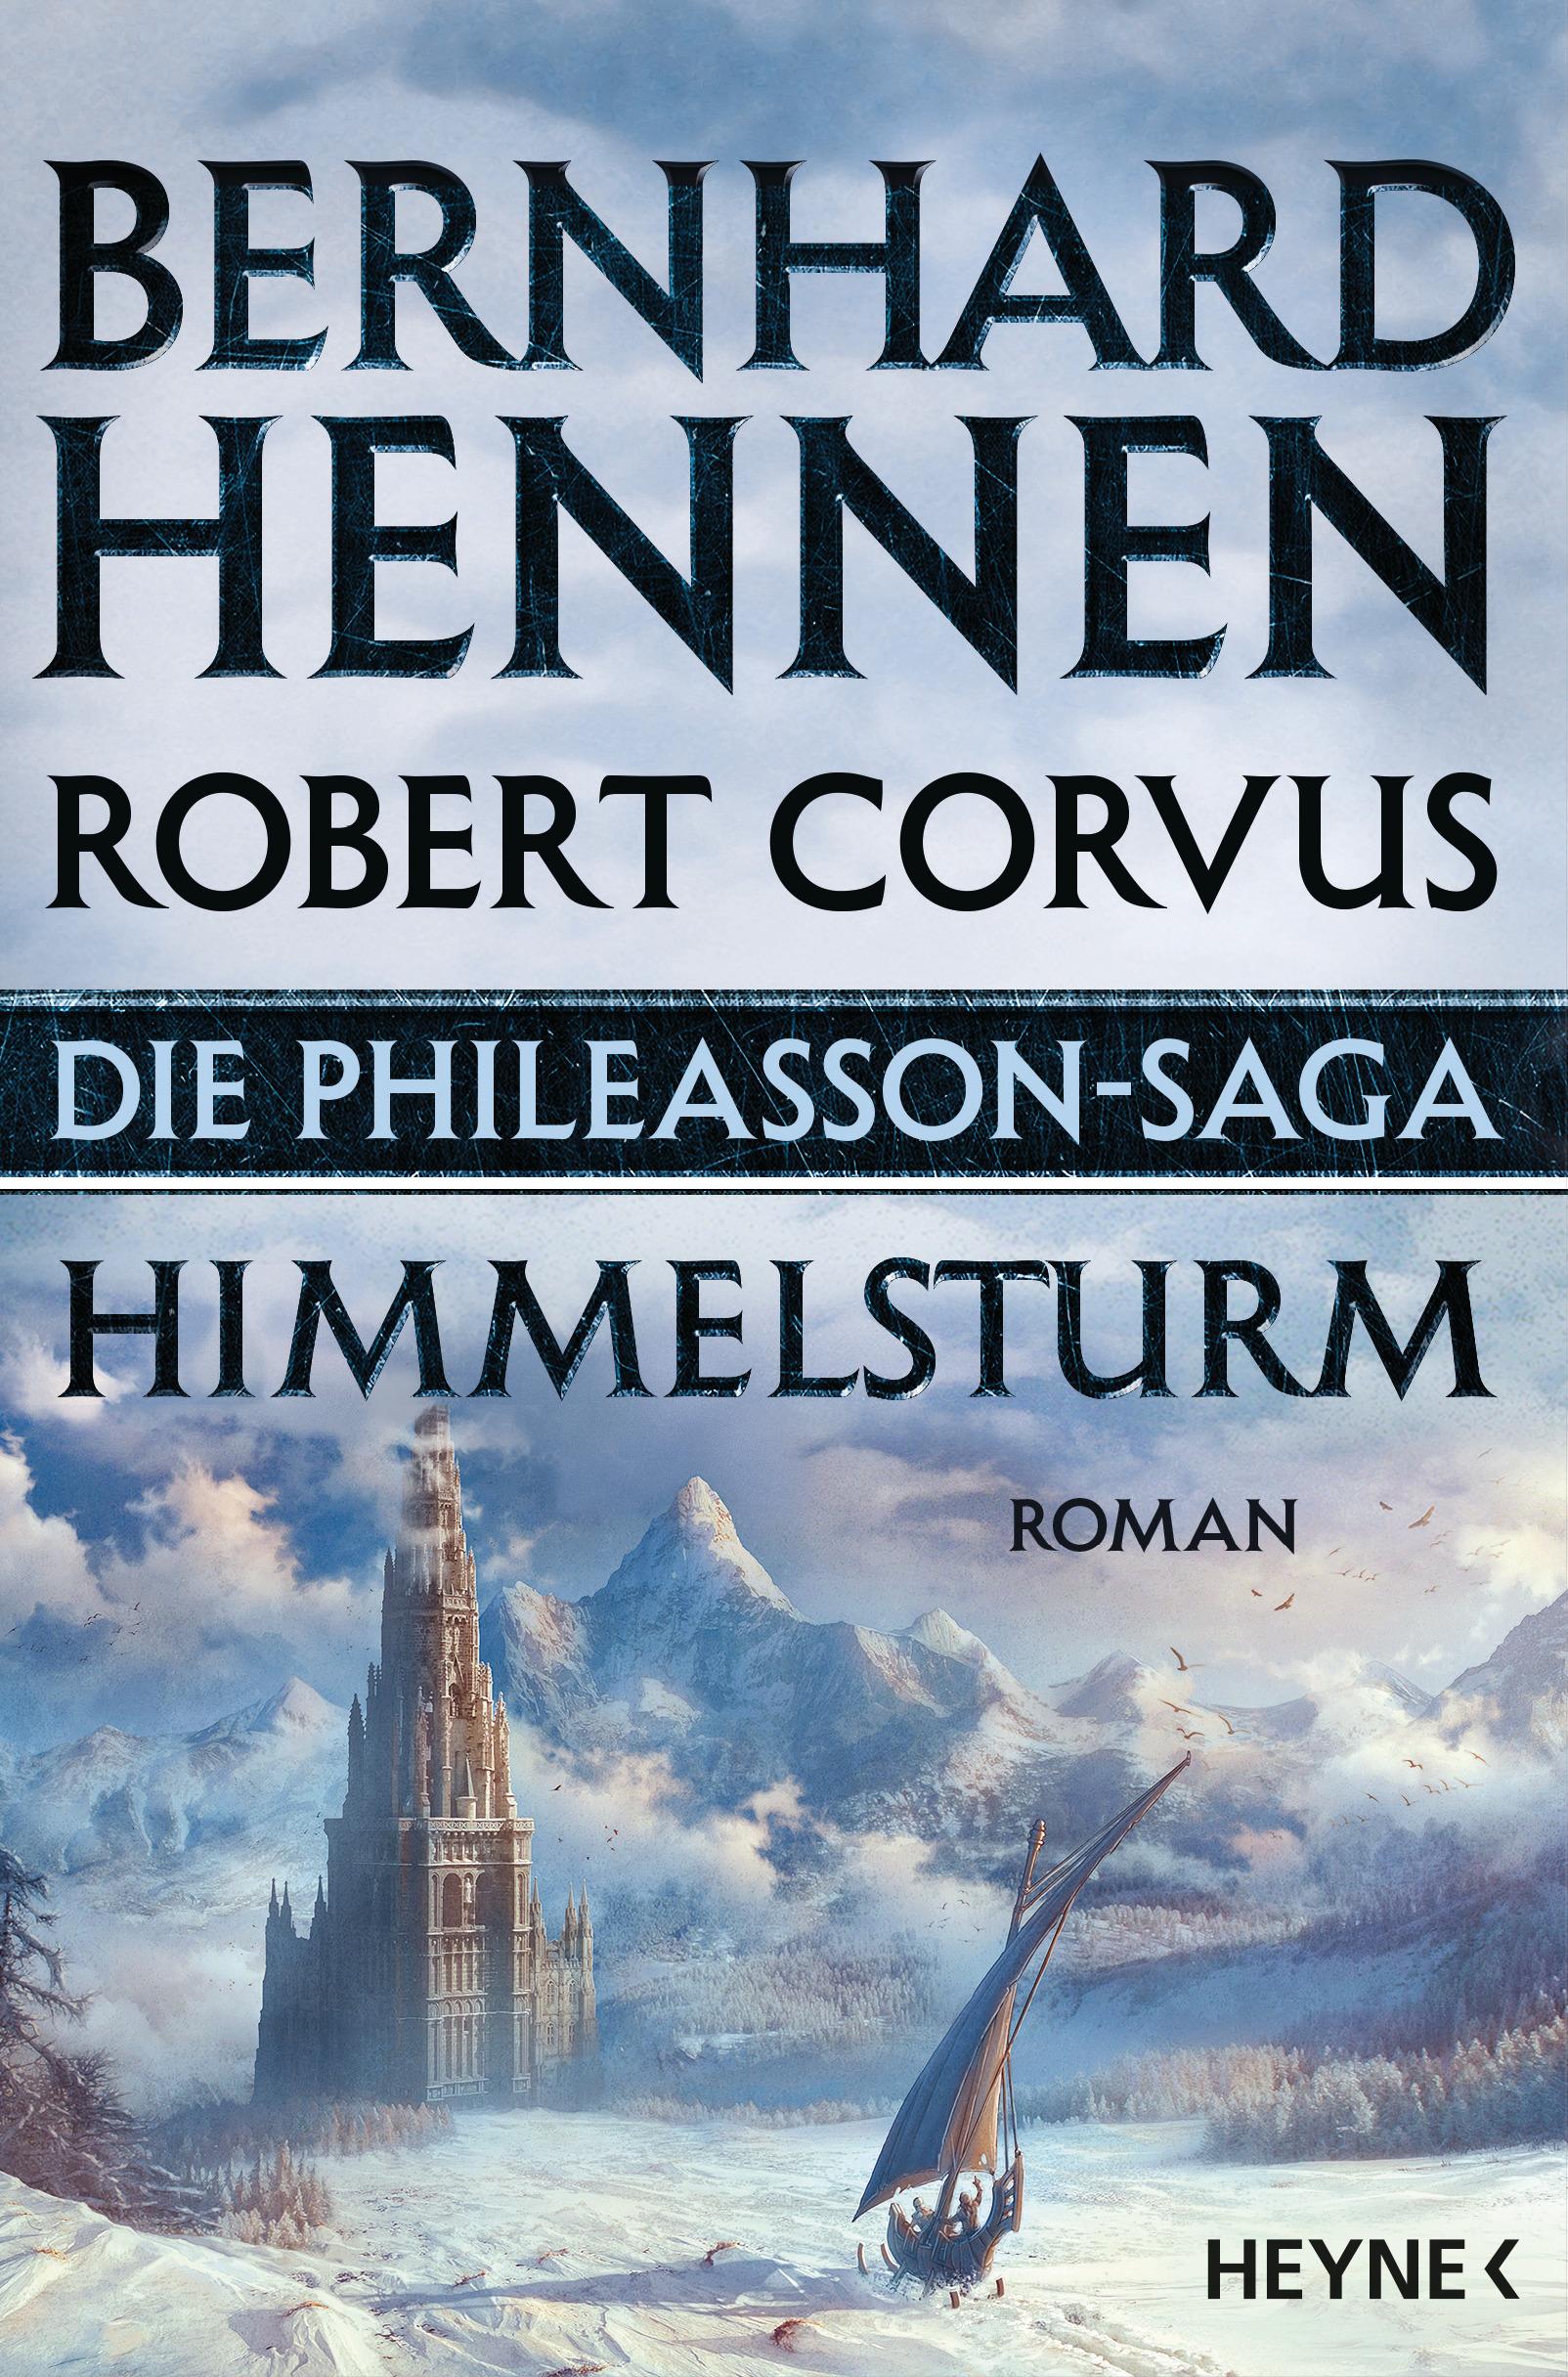 Die Phileasson Saga - Himmelsturm von Bernhard Hennen